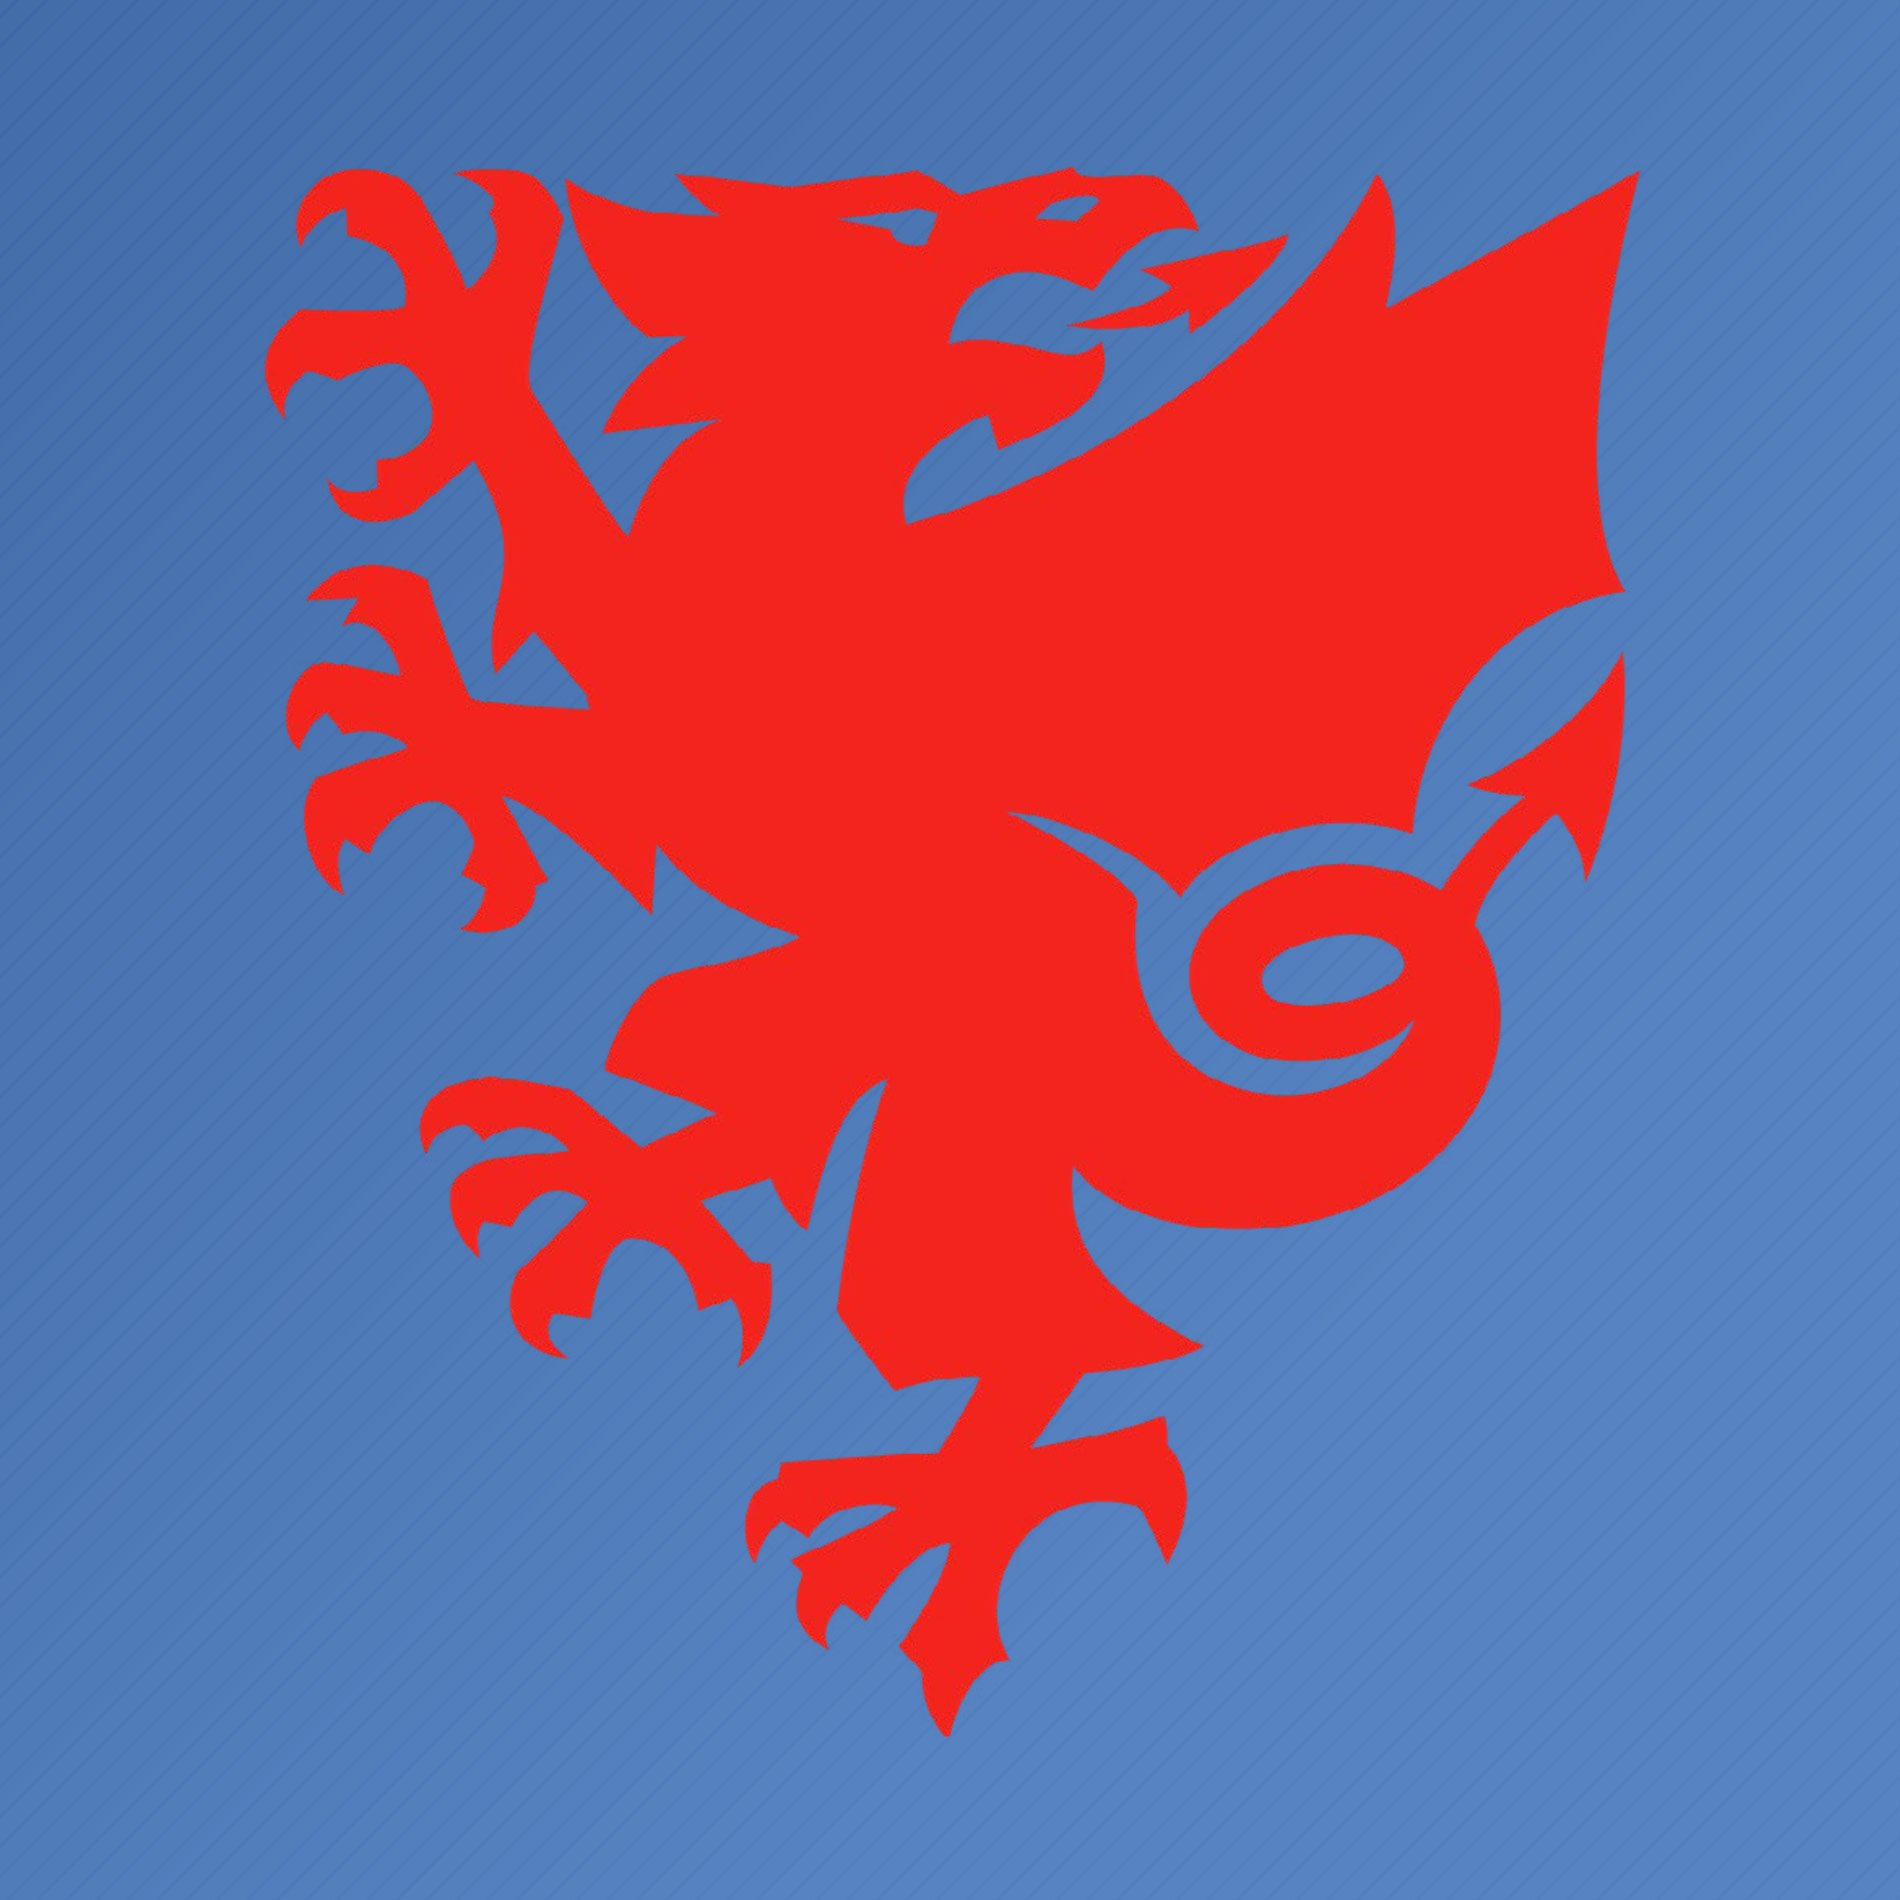 Nuevo logo Asociación de Fútbol de Gales | Imagen FAW